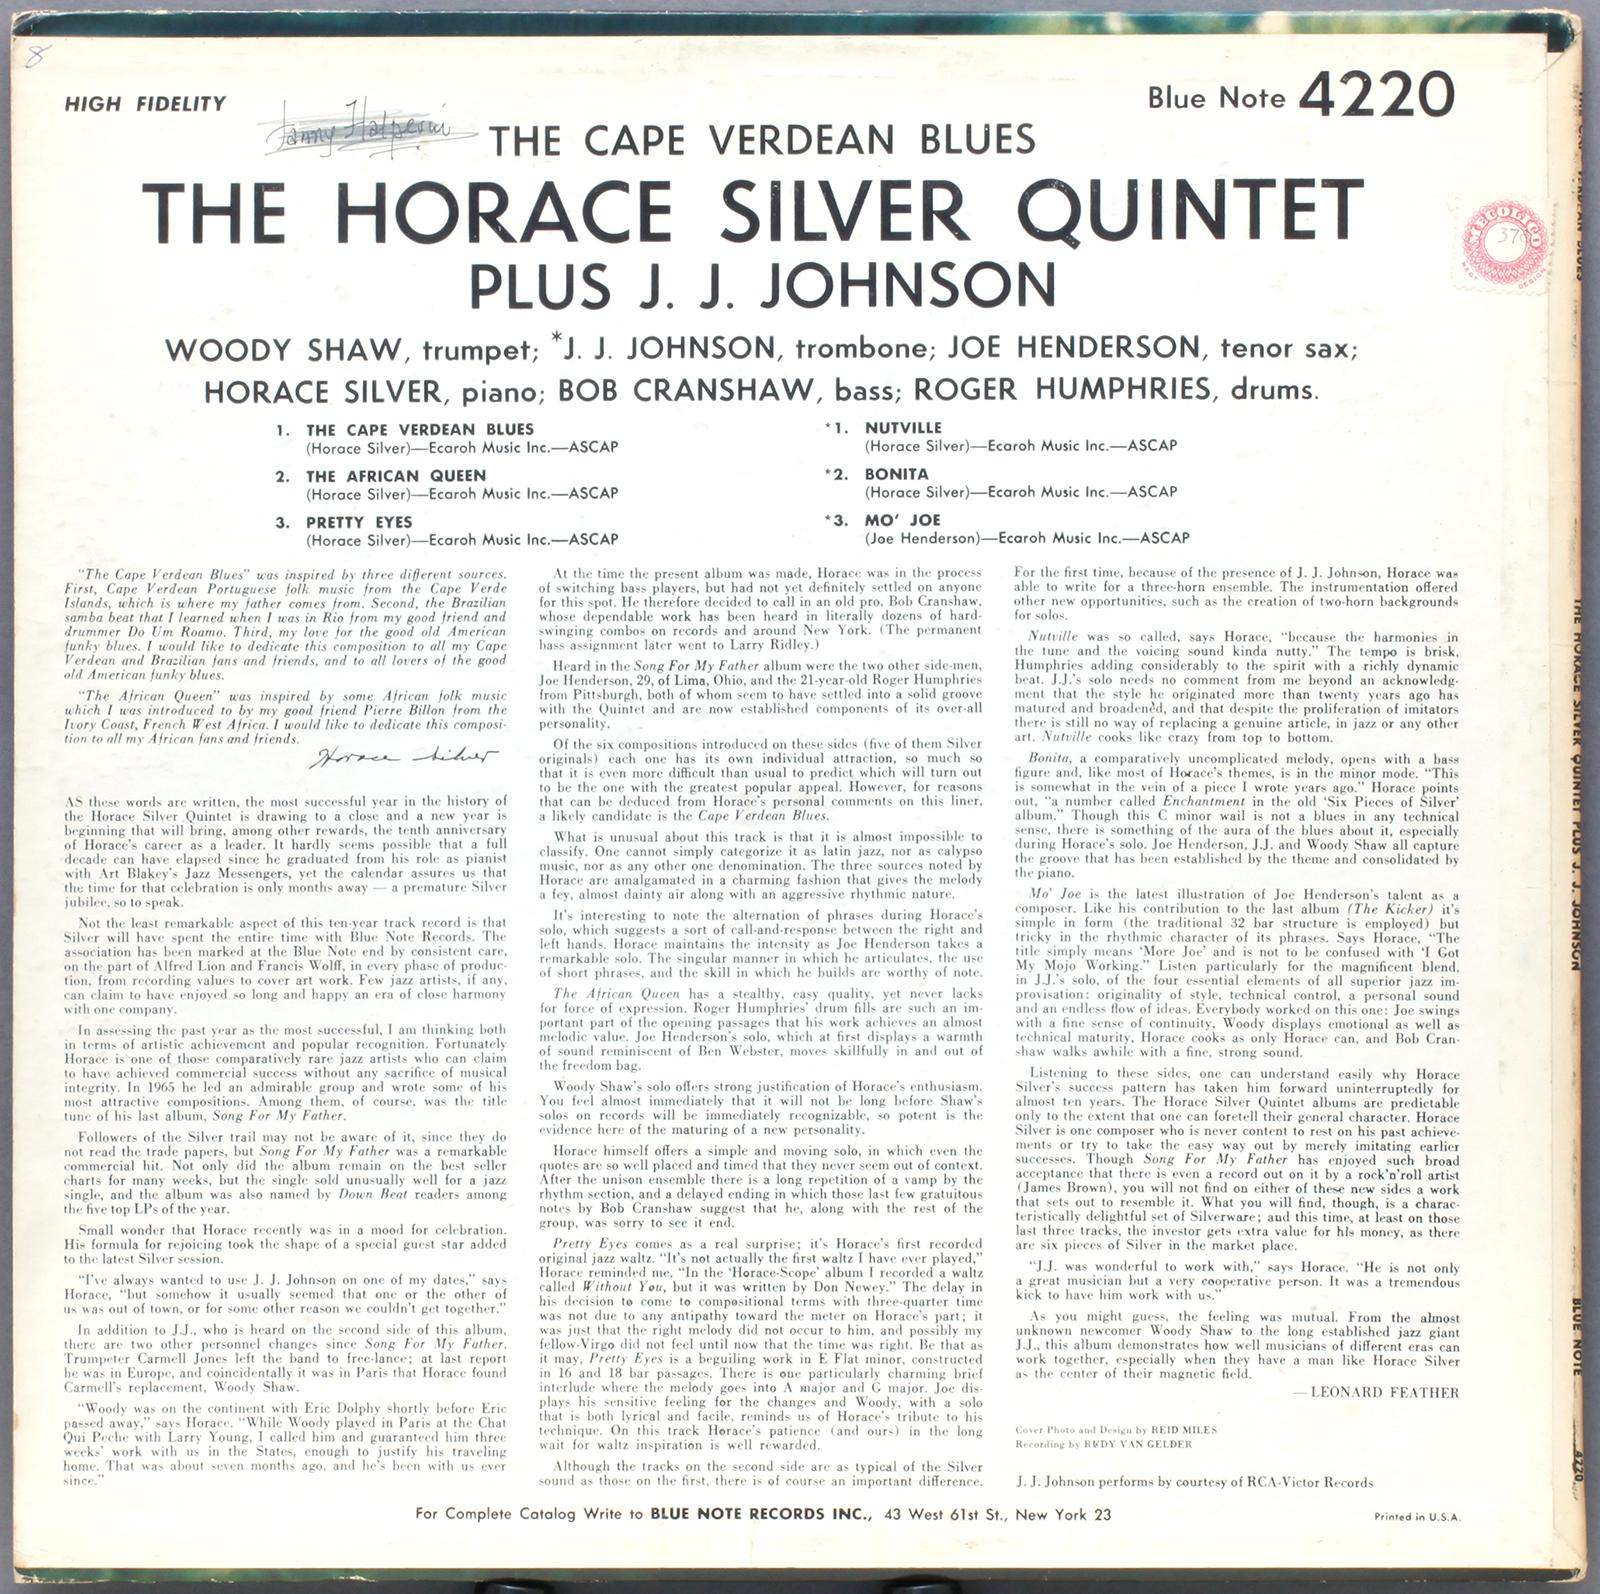 Horace Silver The Cape Verdean Blues 1965 Blue Note